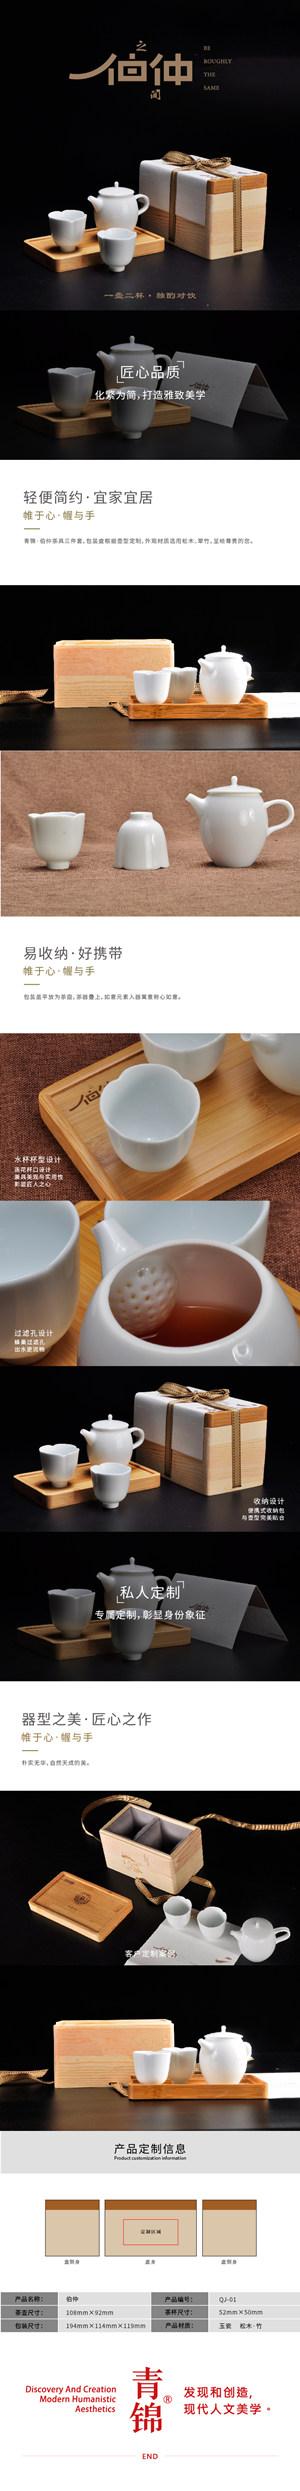 青锦—伯仲玉瓷功夫茶具